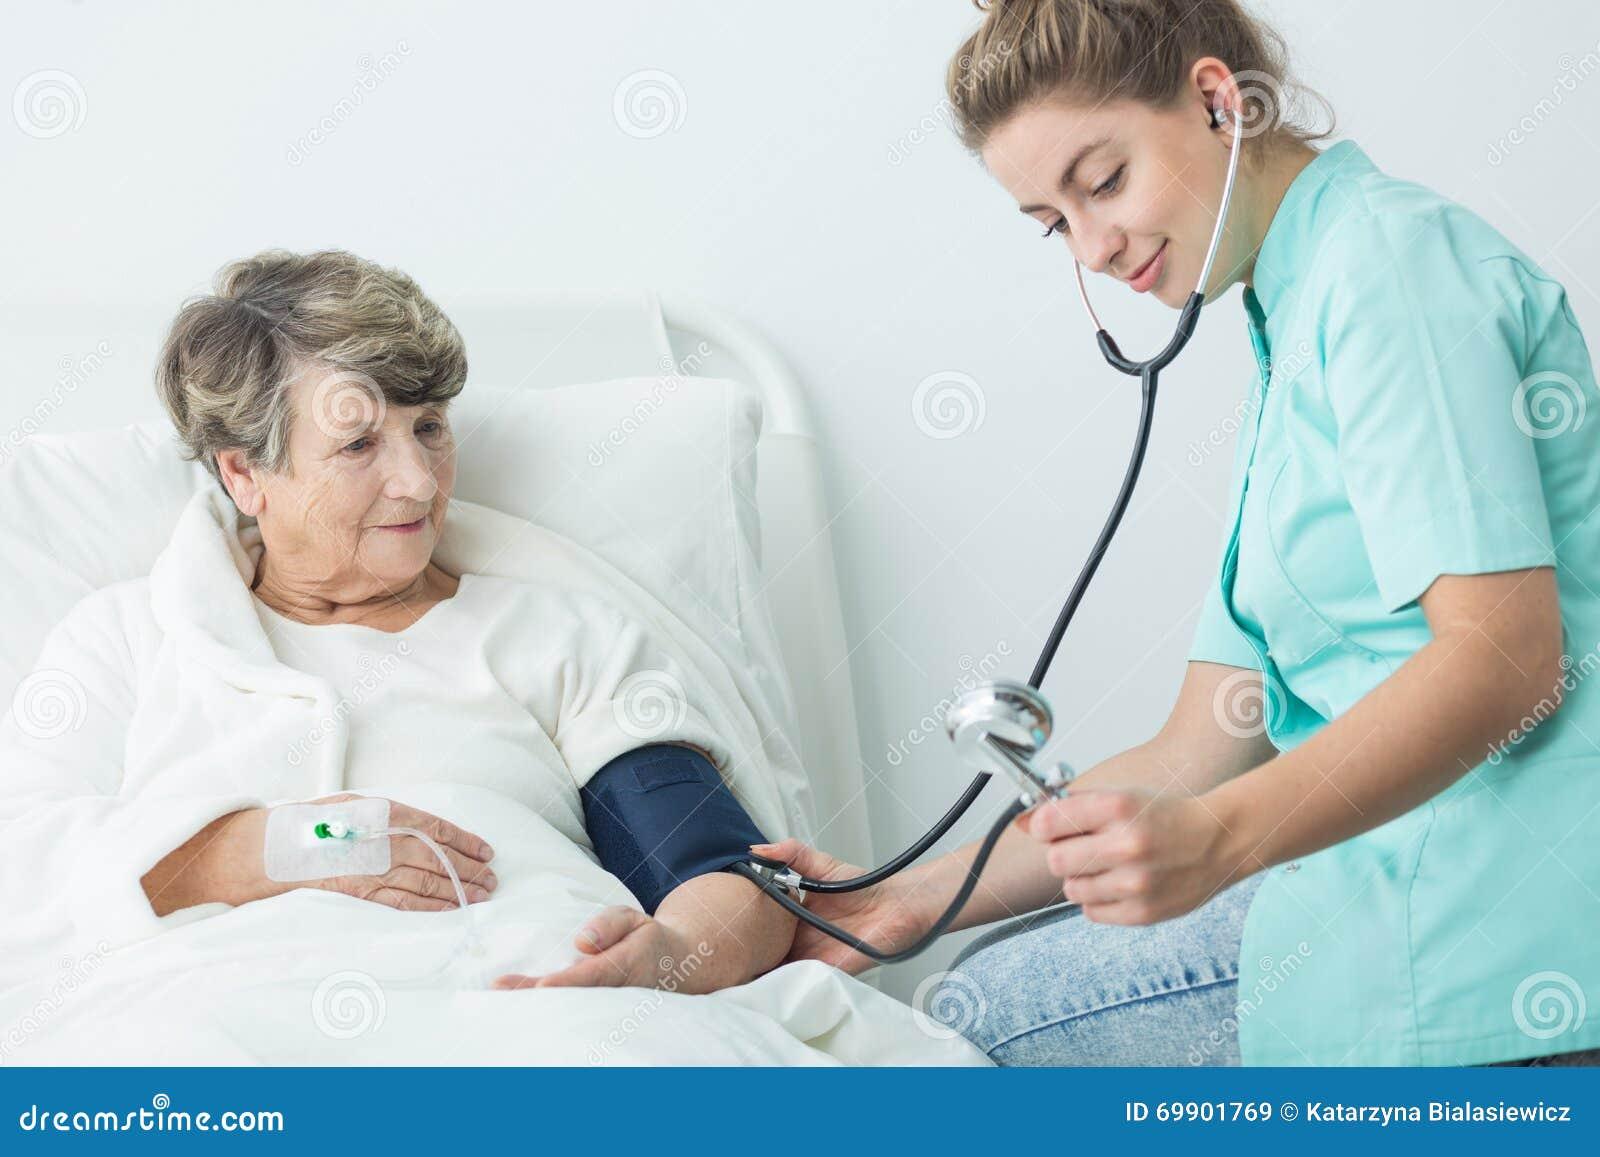 qualities of a good nurse pdf